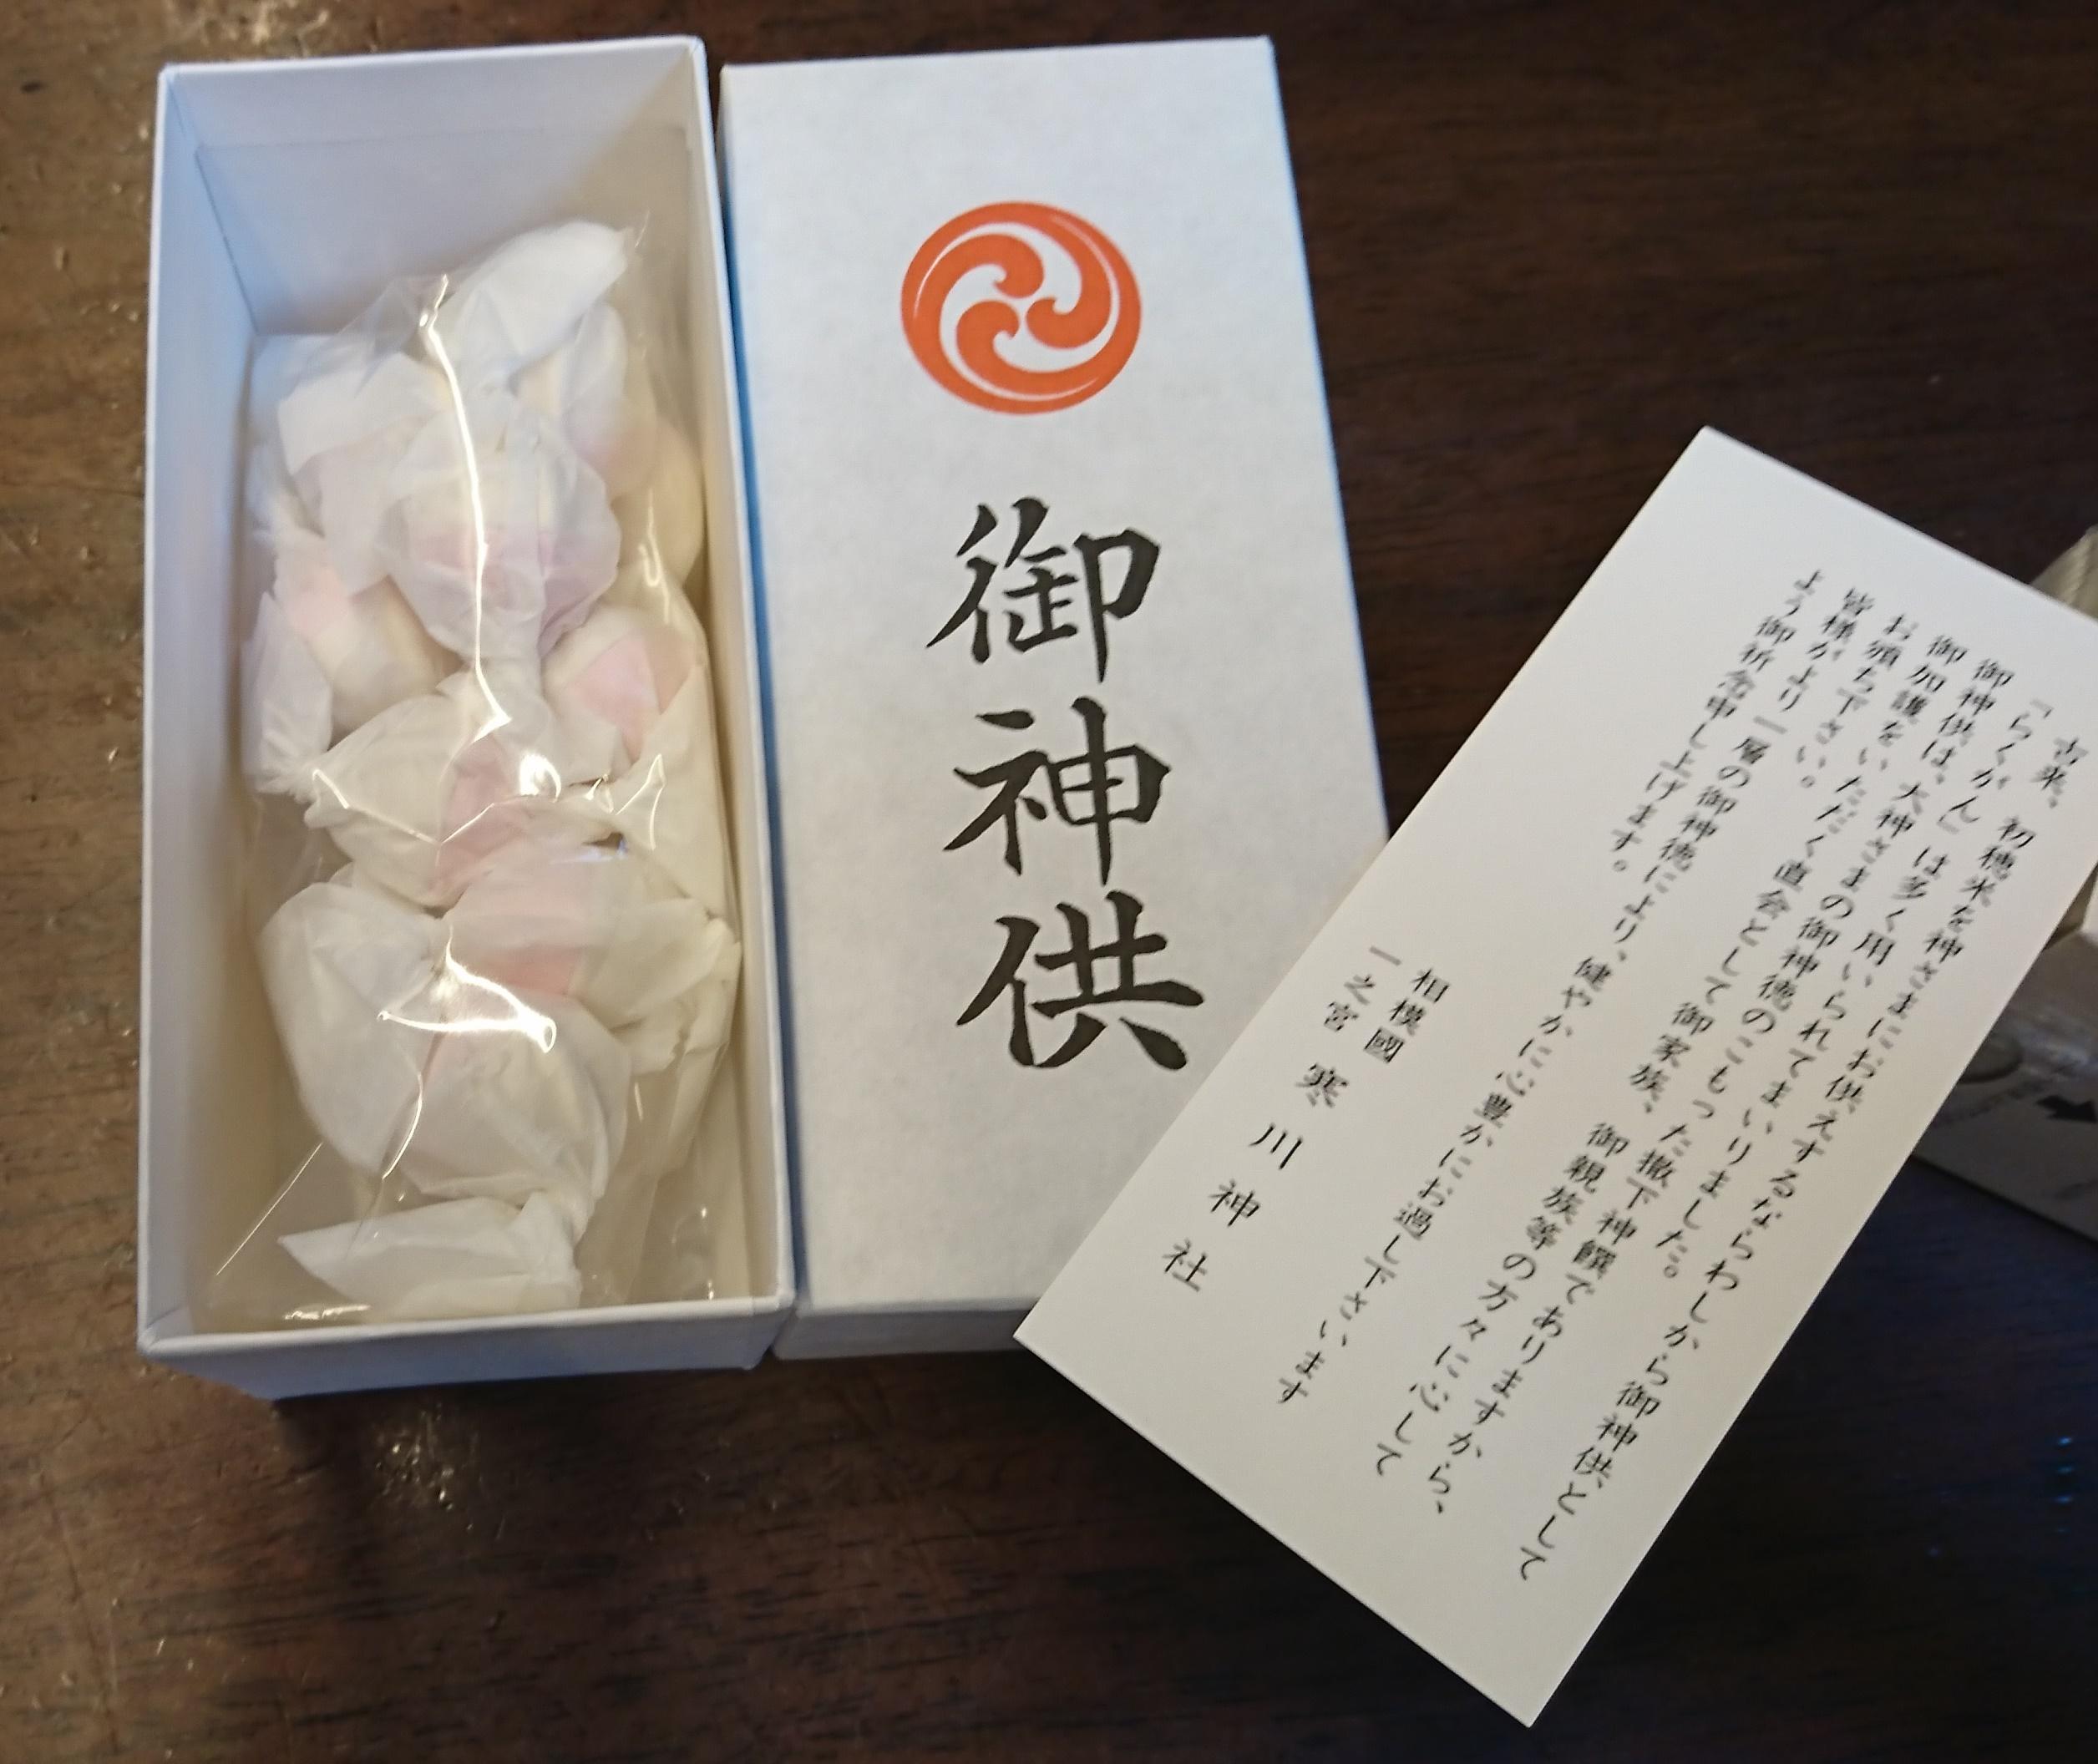 寒川神社でいただいた御神共(ごしんく)の「らくがん」